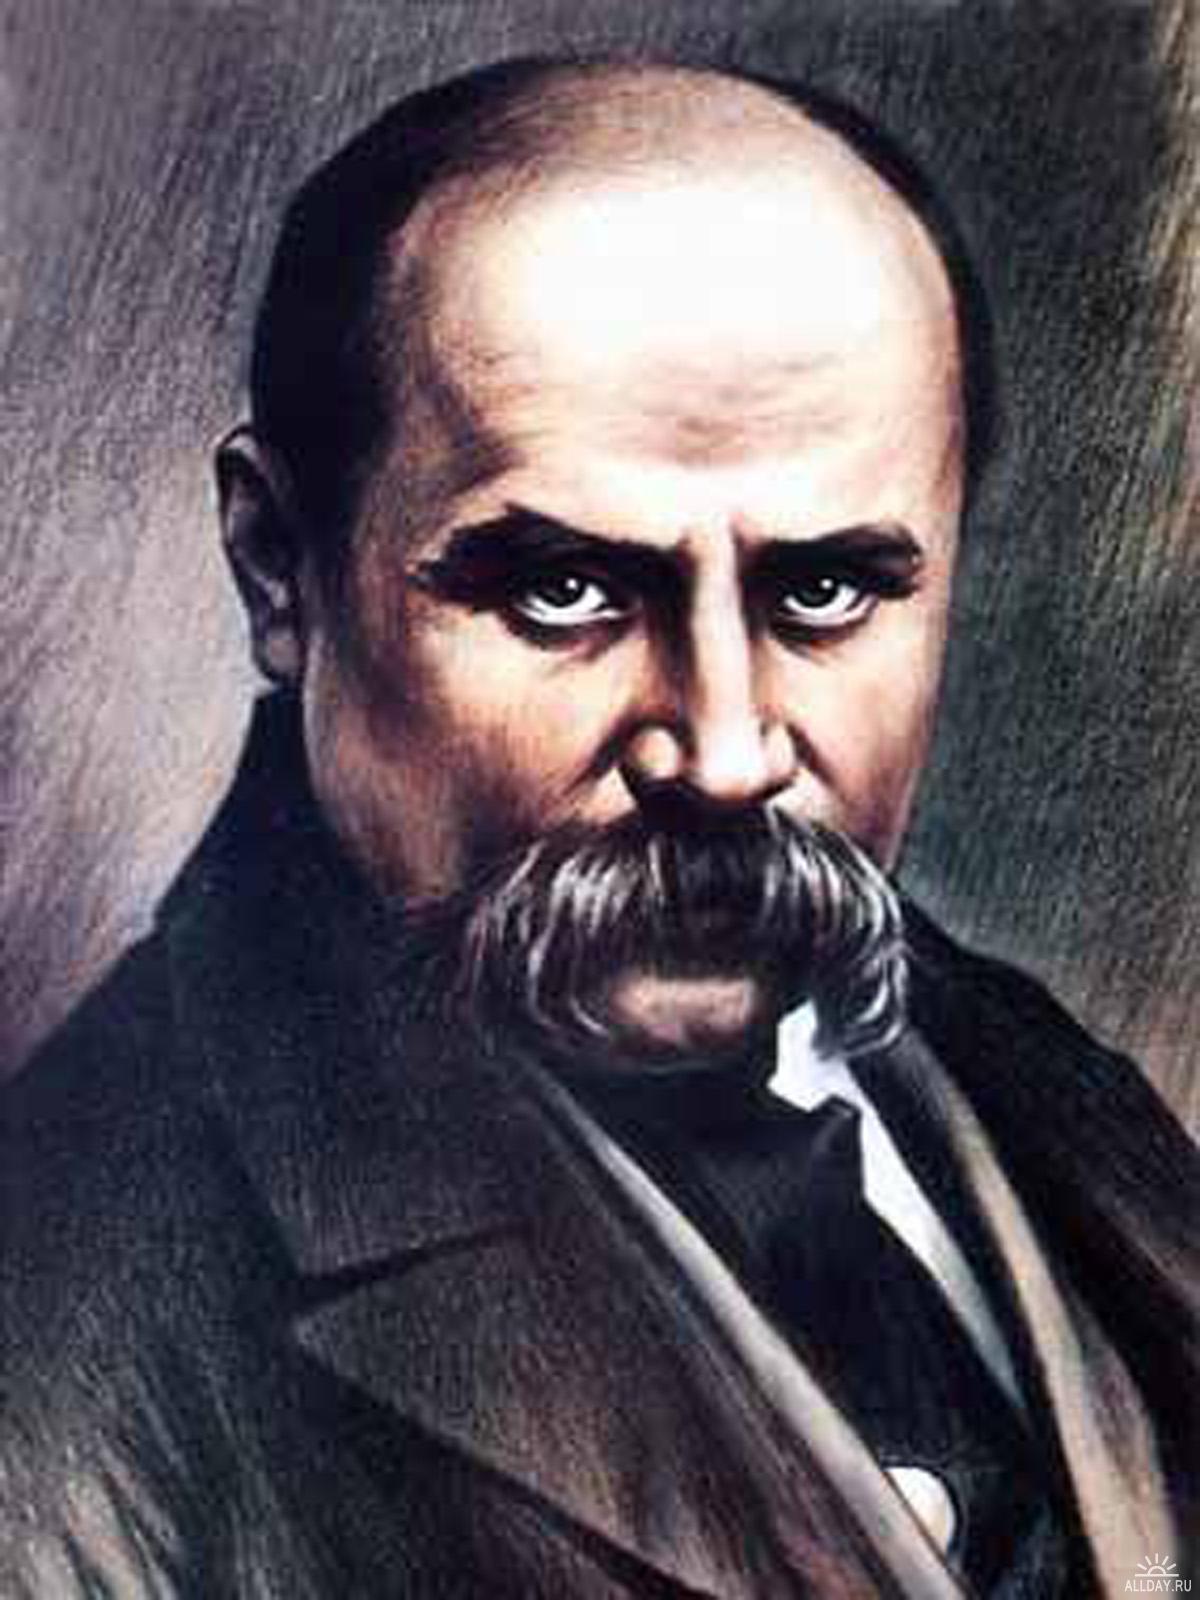 shevchenko_taras_grigorevich